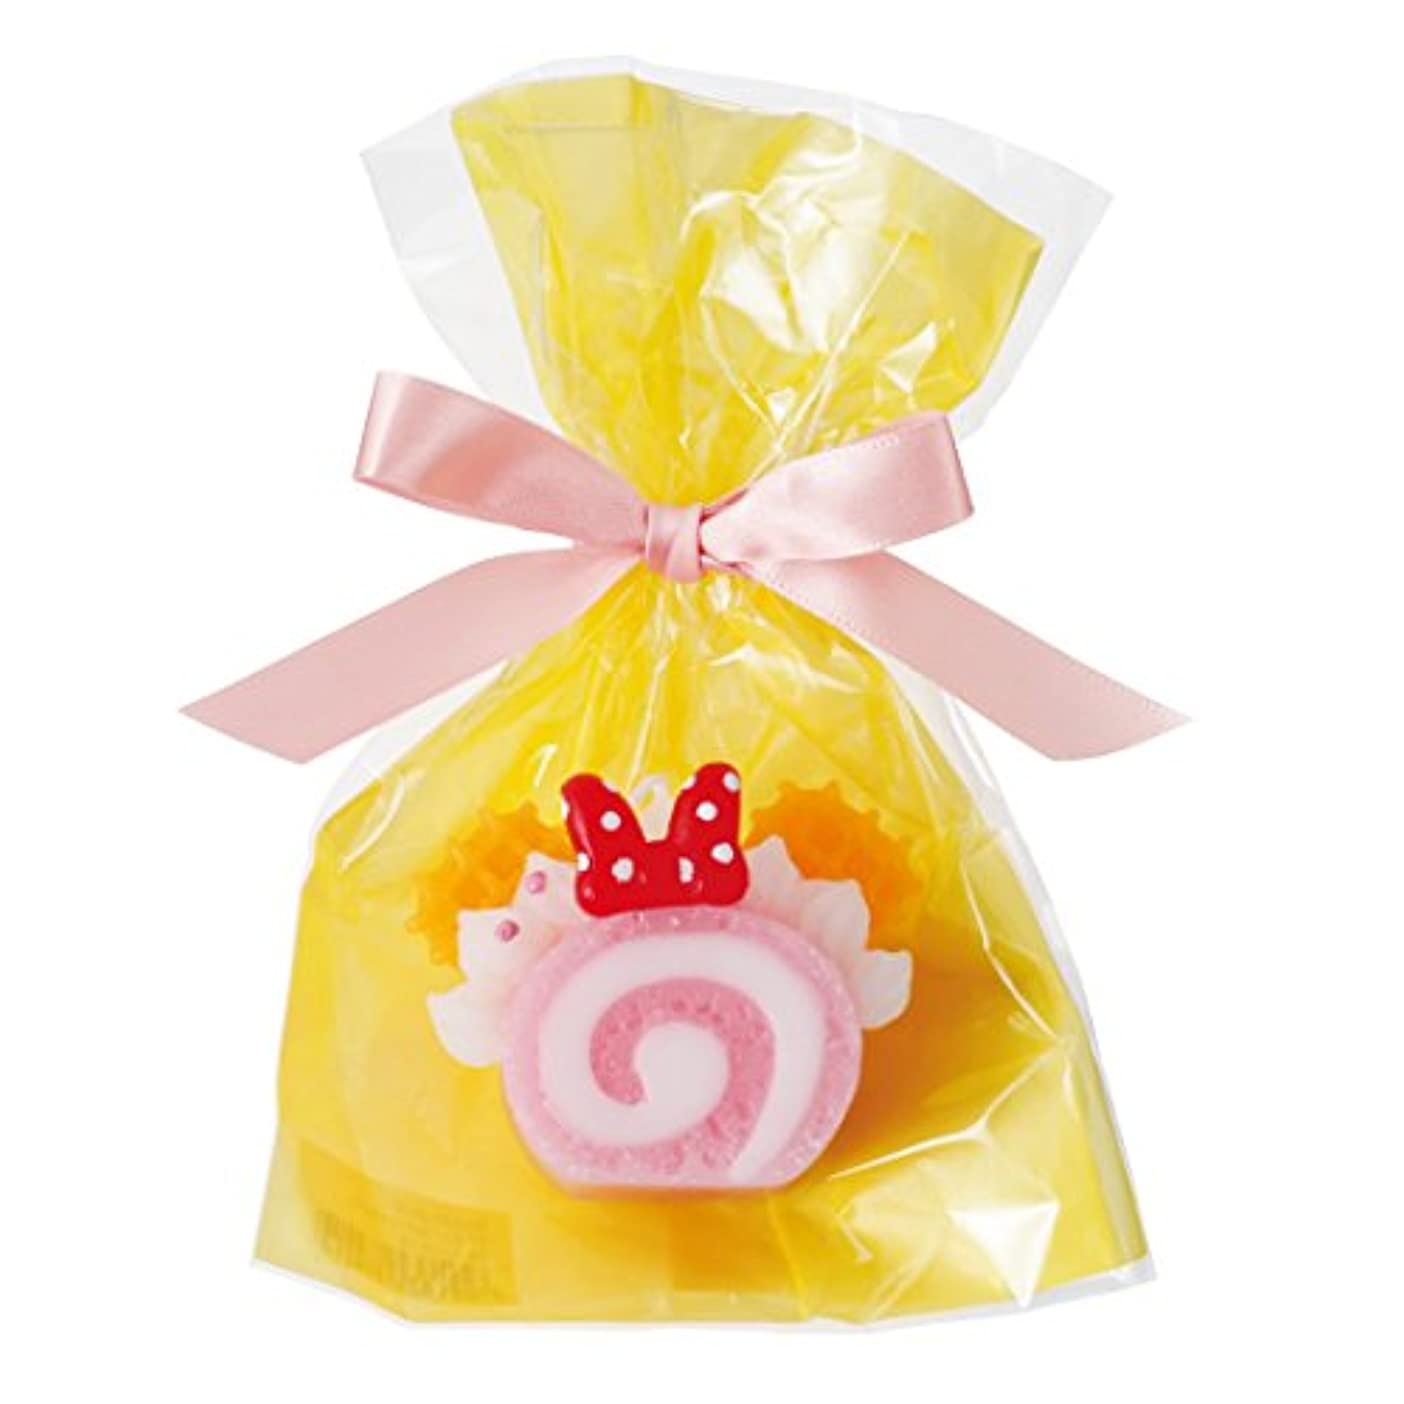 名前本物の不適切なディズニースイーツキャンドル 「 ピンクロールケーキ 」